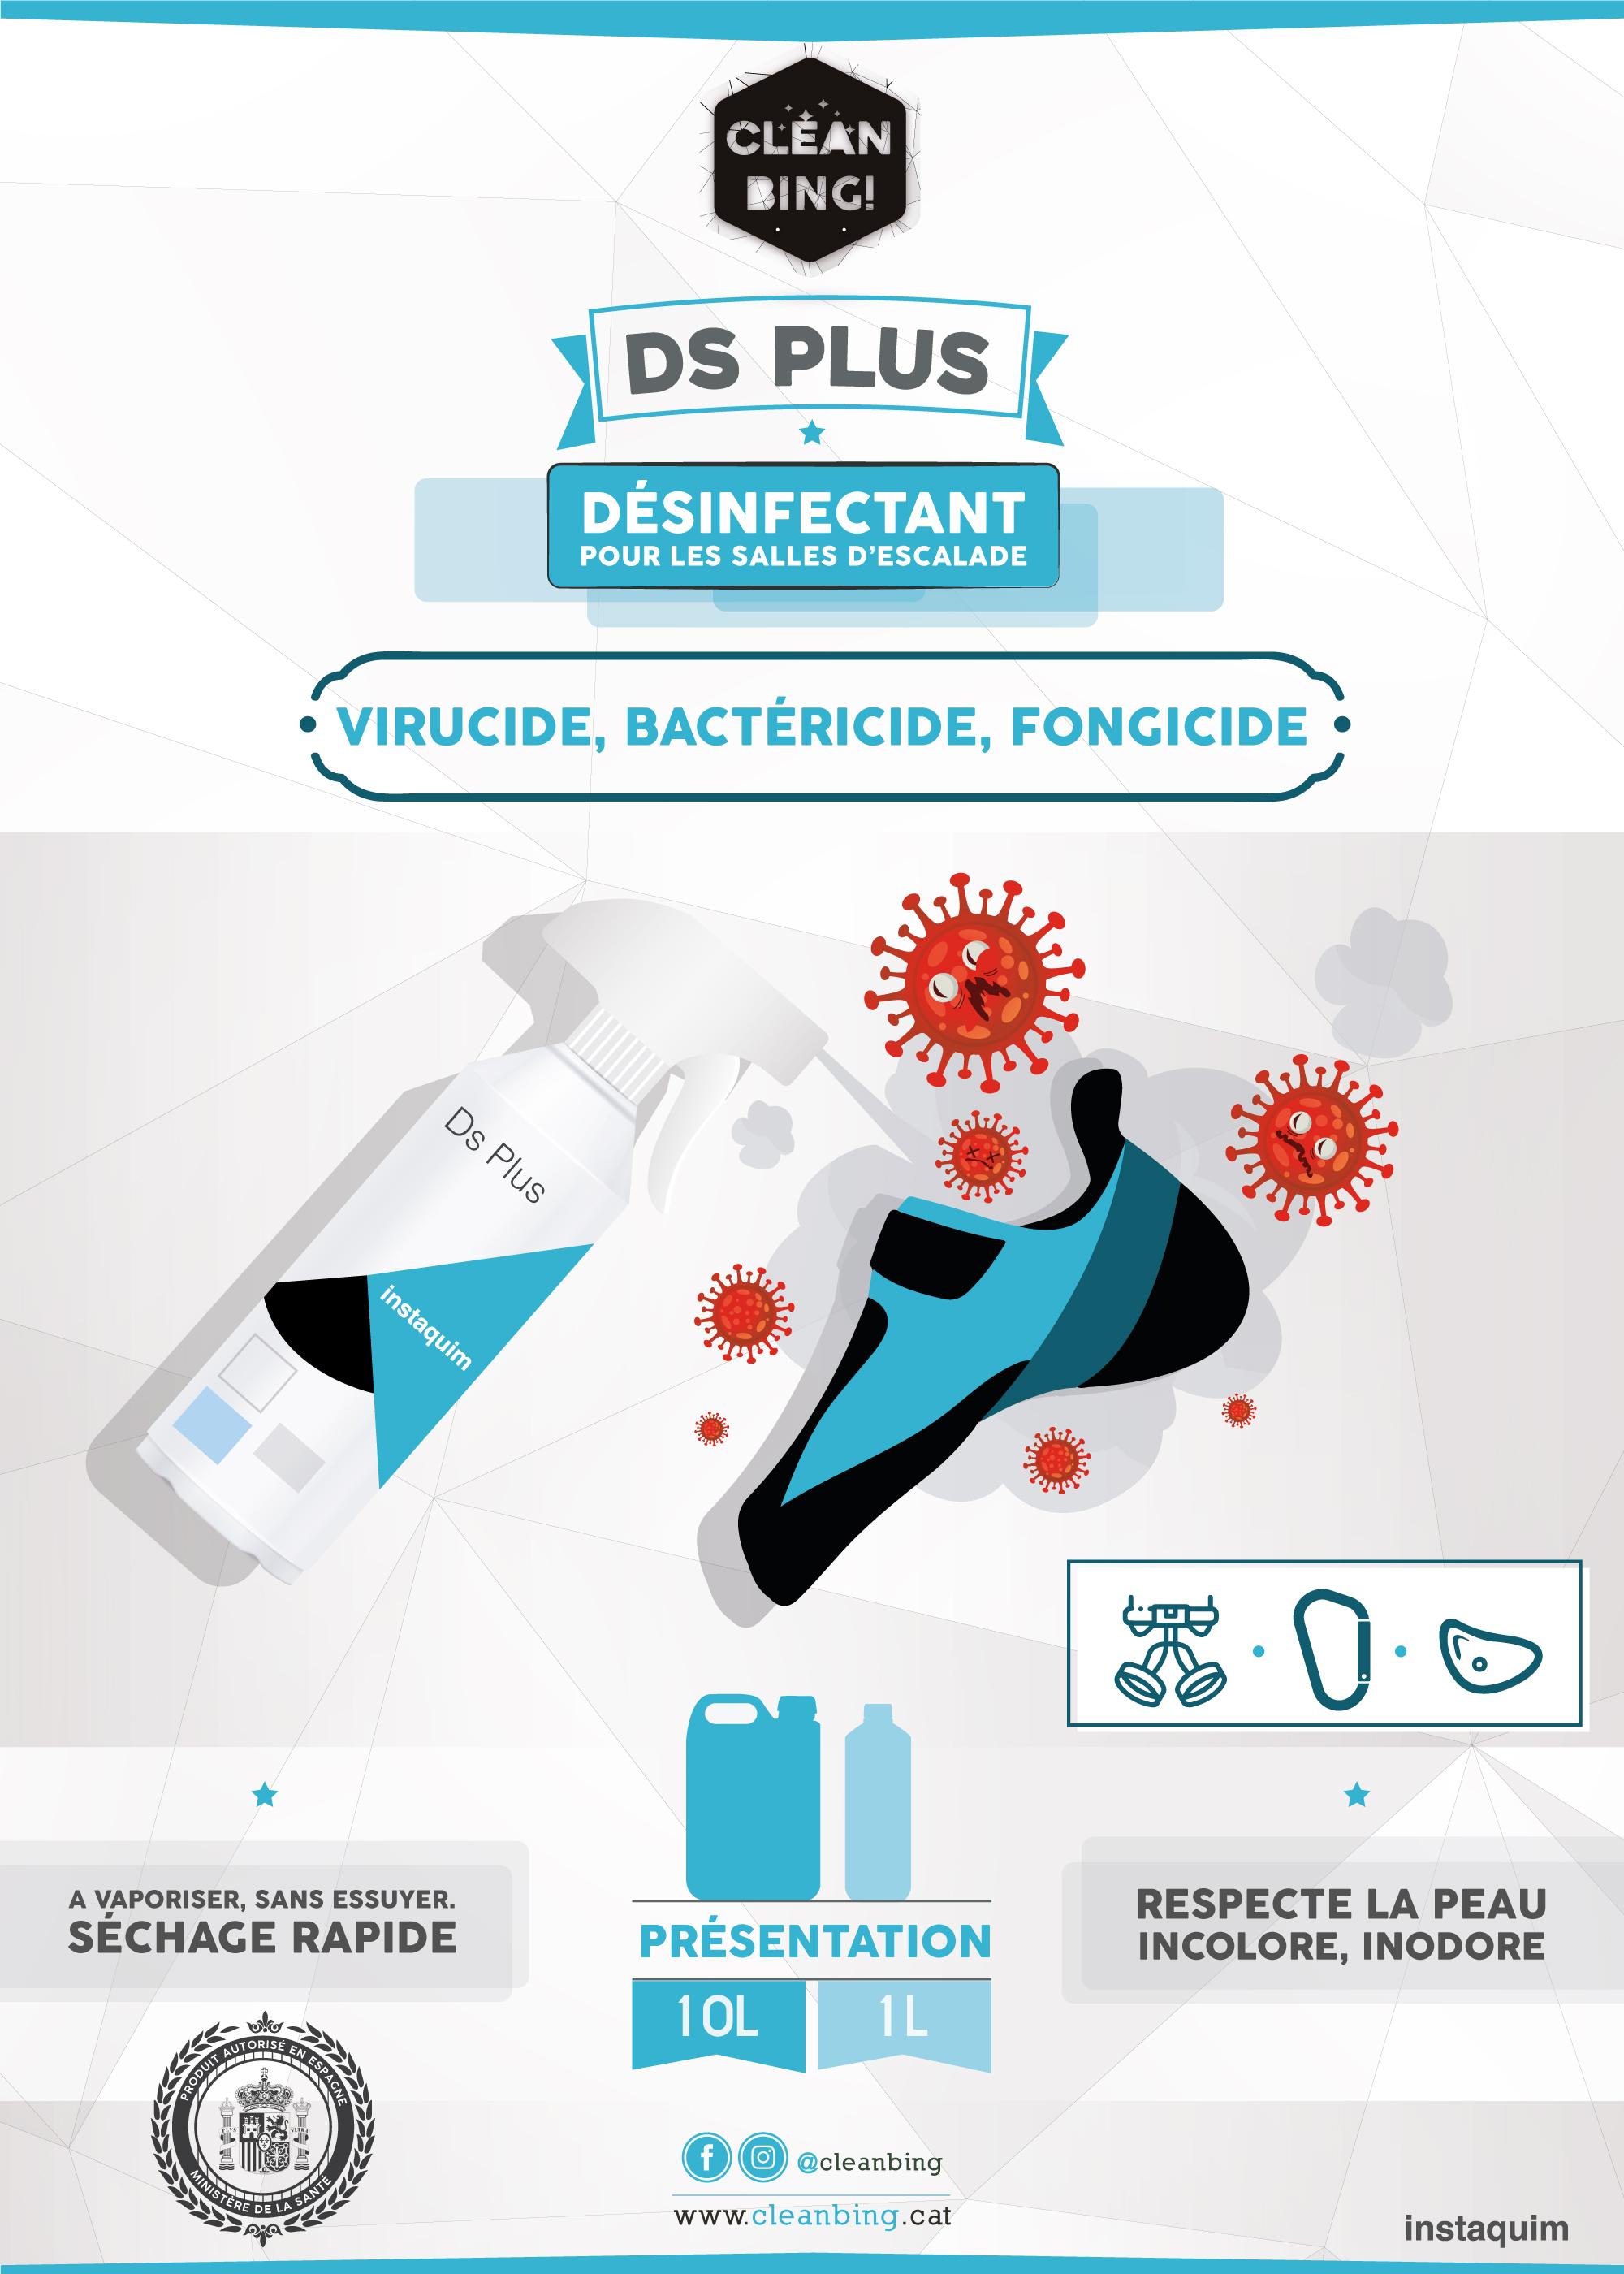 DS-Plus-frances-2.jpg